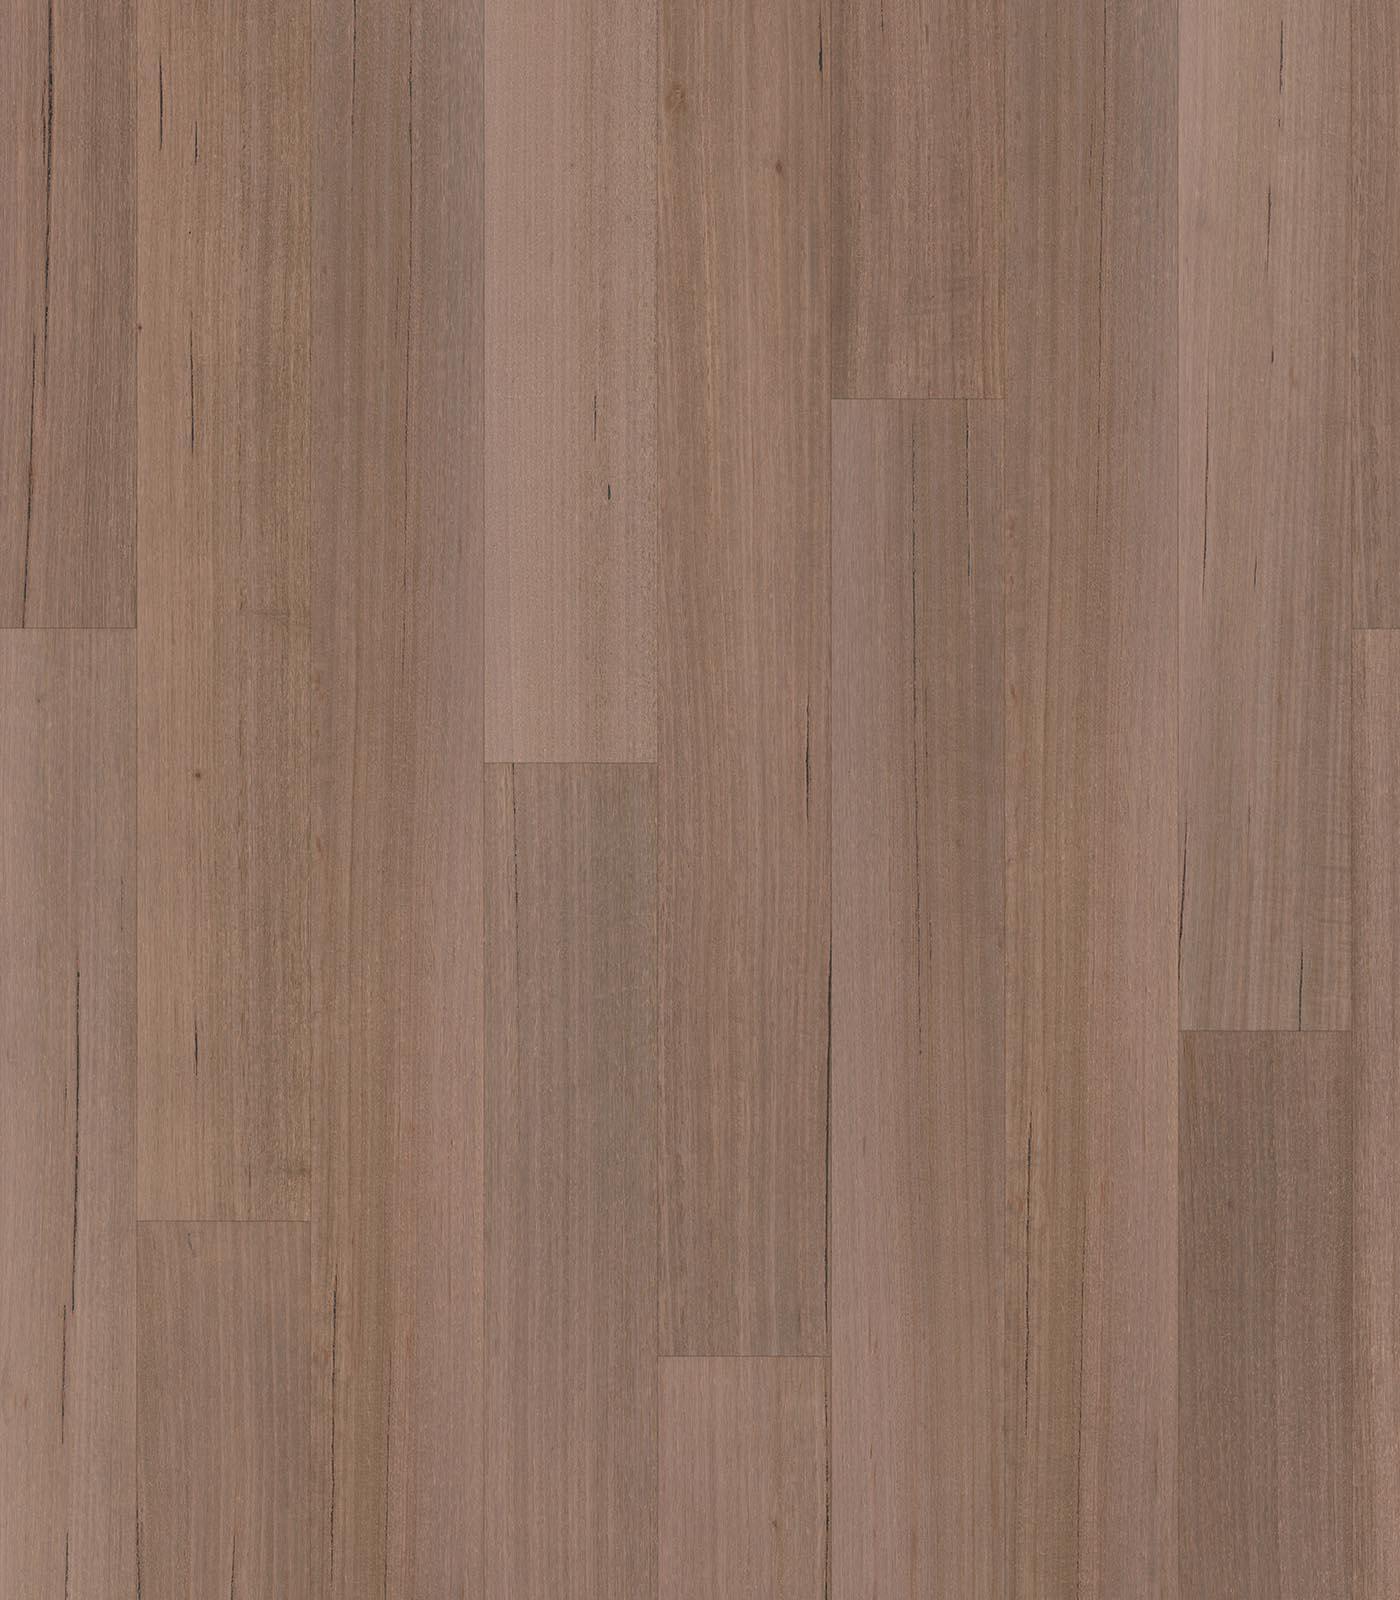 Busselton-Tasmanian Oak Floors-After Oak Collection-flat